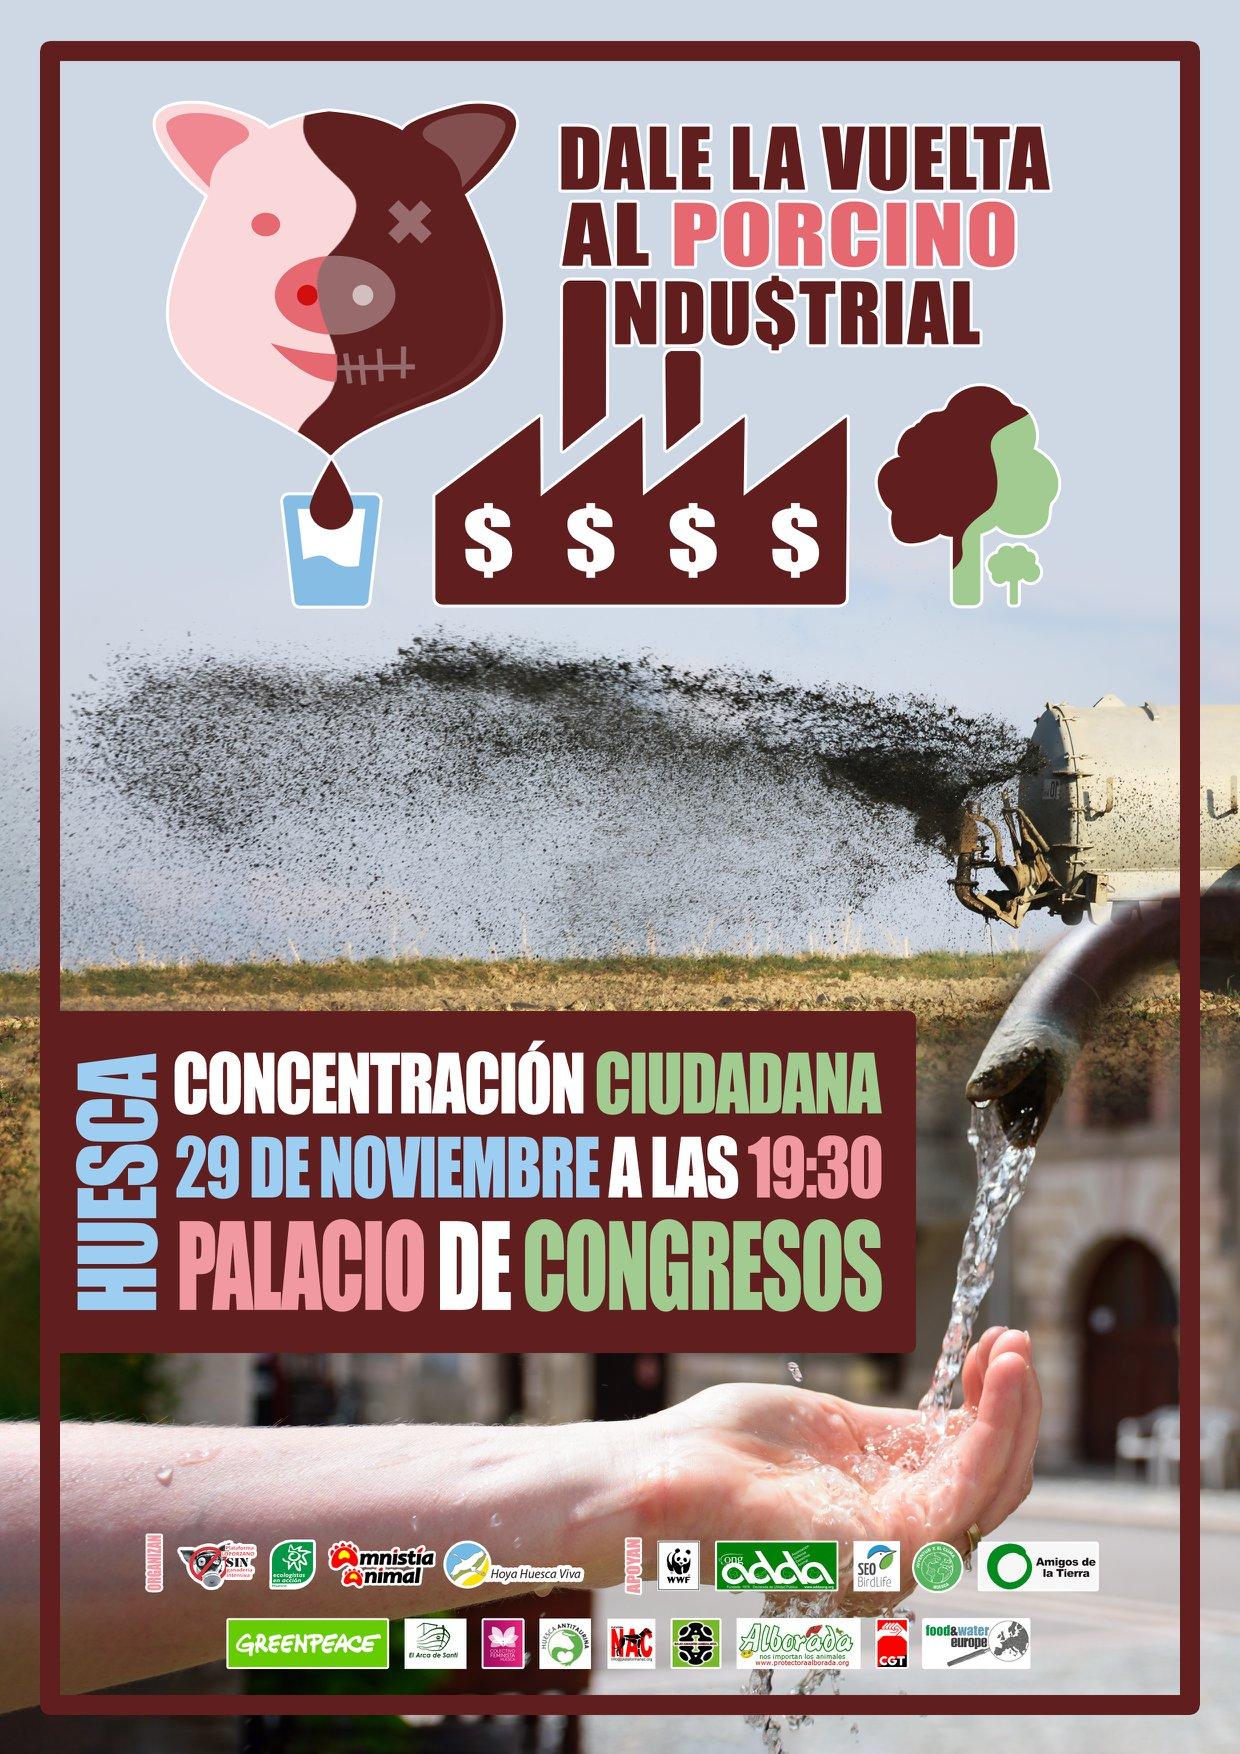 Ir a Aragón: Dale la vuelta al porcino industrial